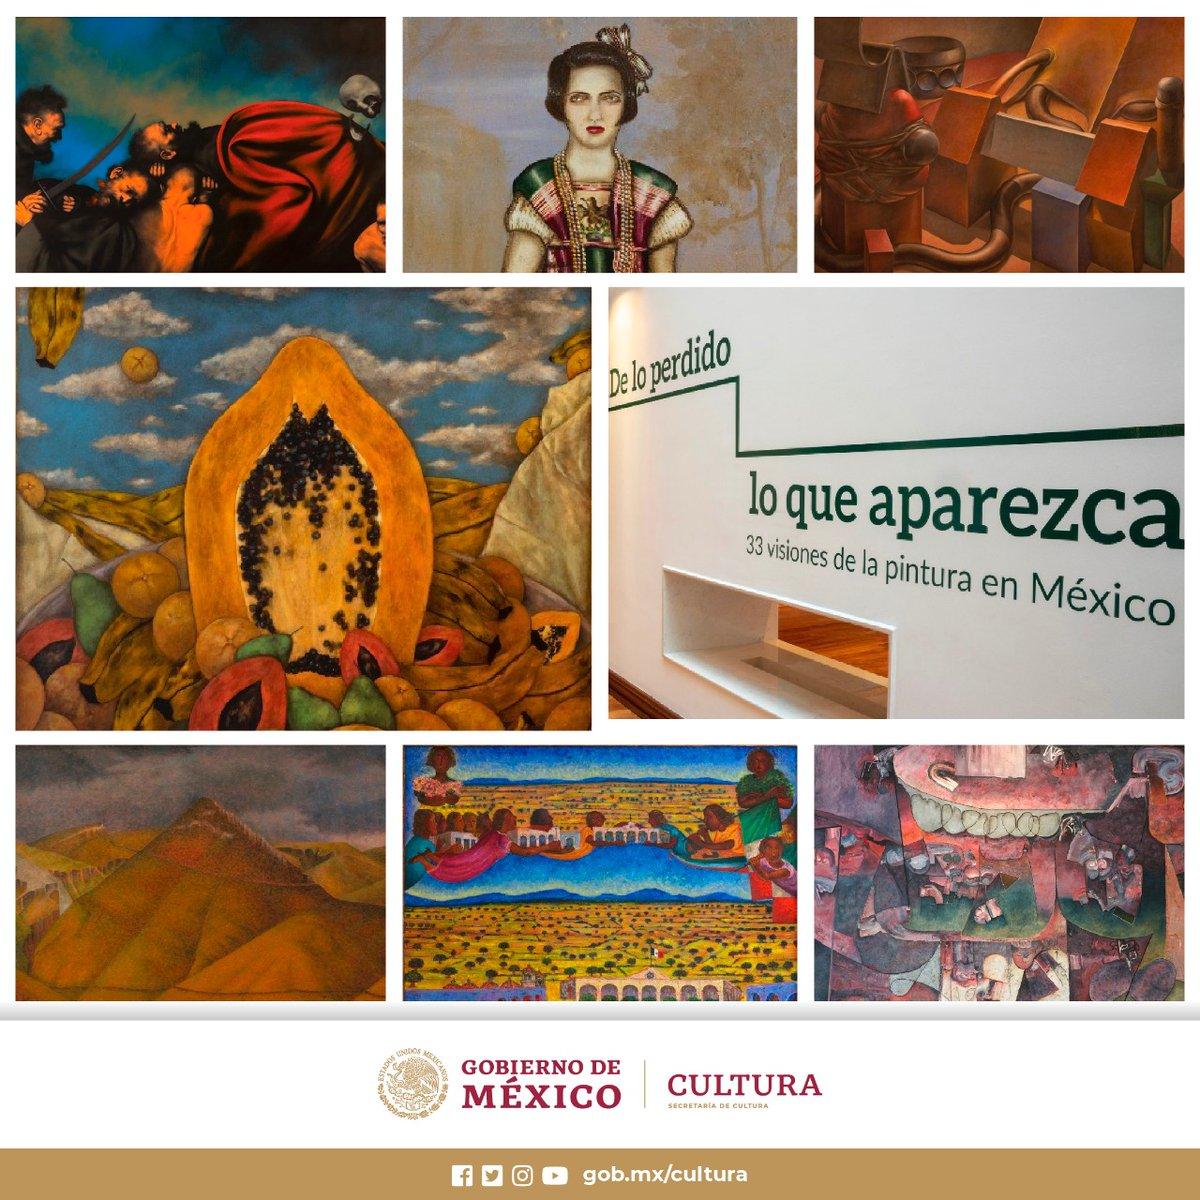 ¡Cada #DomingoDeMuseos puedes visitar el @CC_LosPinos! 🏛️   Las obras de más de 30 artistas que durante años permanecieron guardadas te esperan con todas las medidas de higiene. ¡Queremos #VolverAVerte!    📍 De lo perdido, lo que aparezca | Casa Miguel Alemán | 11 a 17 h https://t.co/FZbSqg5l3s